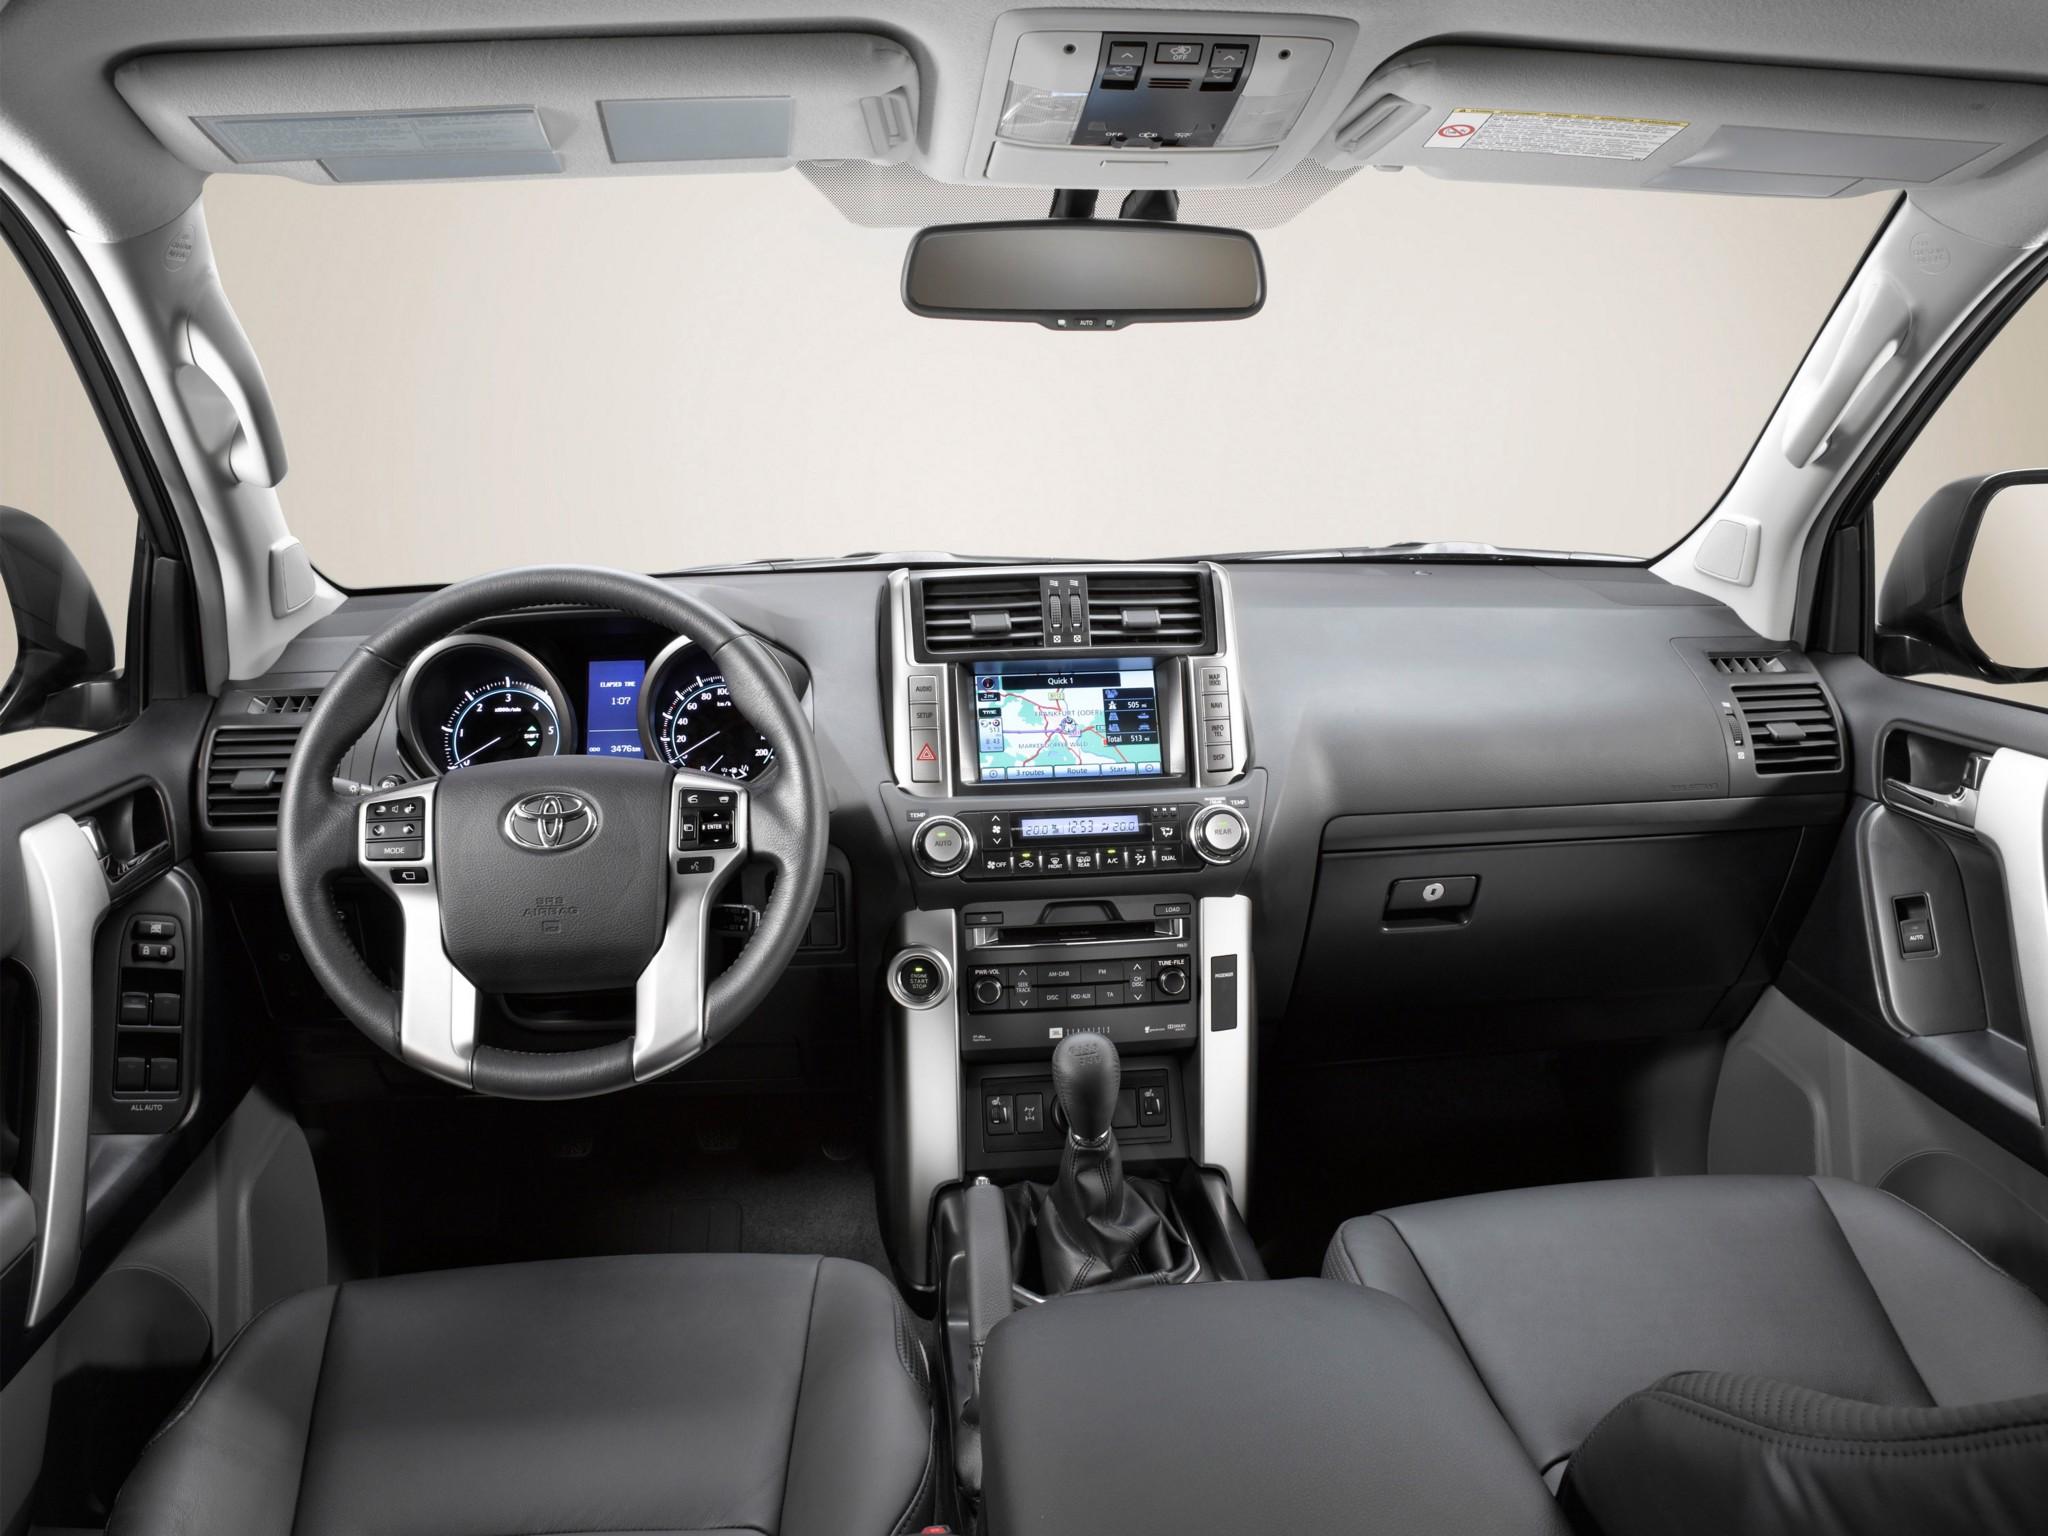 24 декабря в России начнутся продажи нового поколения Toyota Land